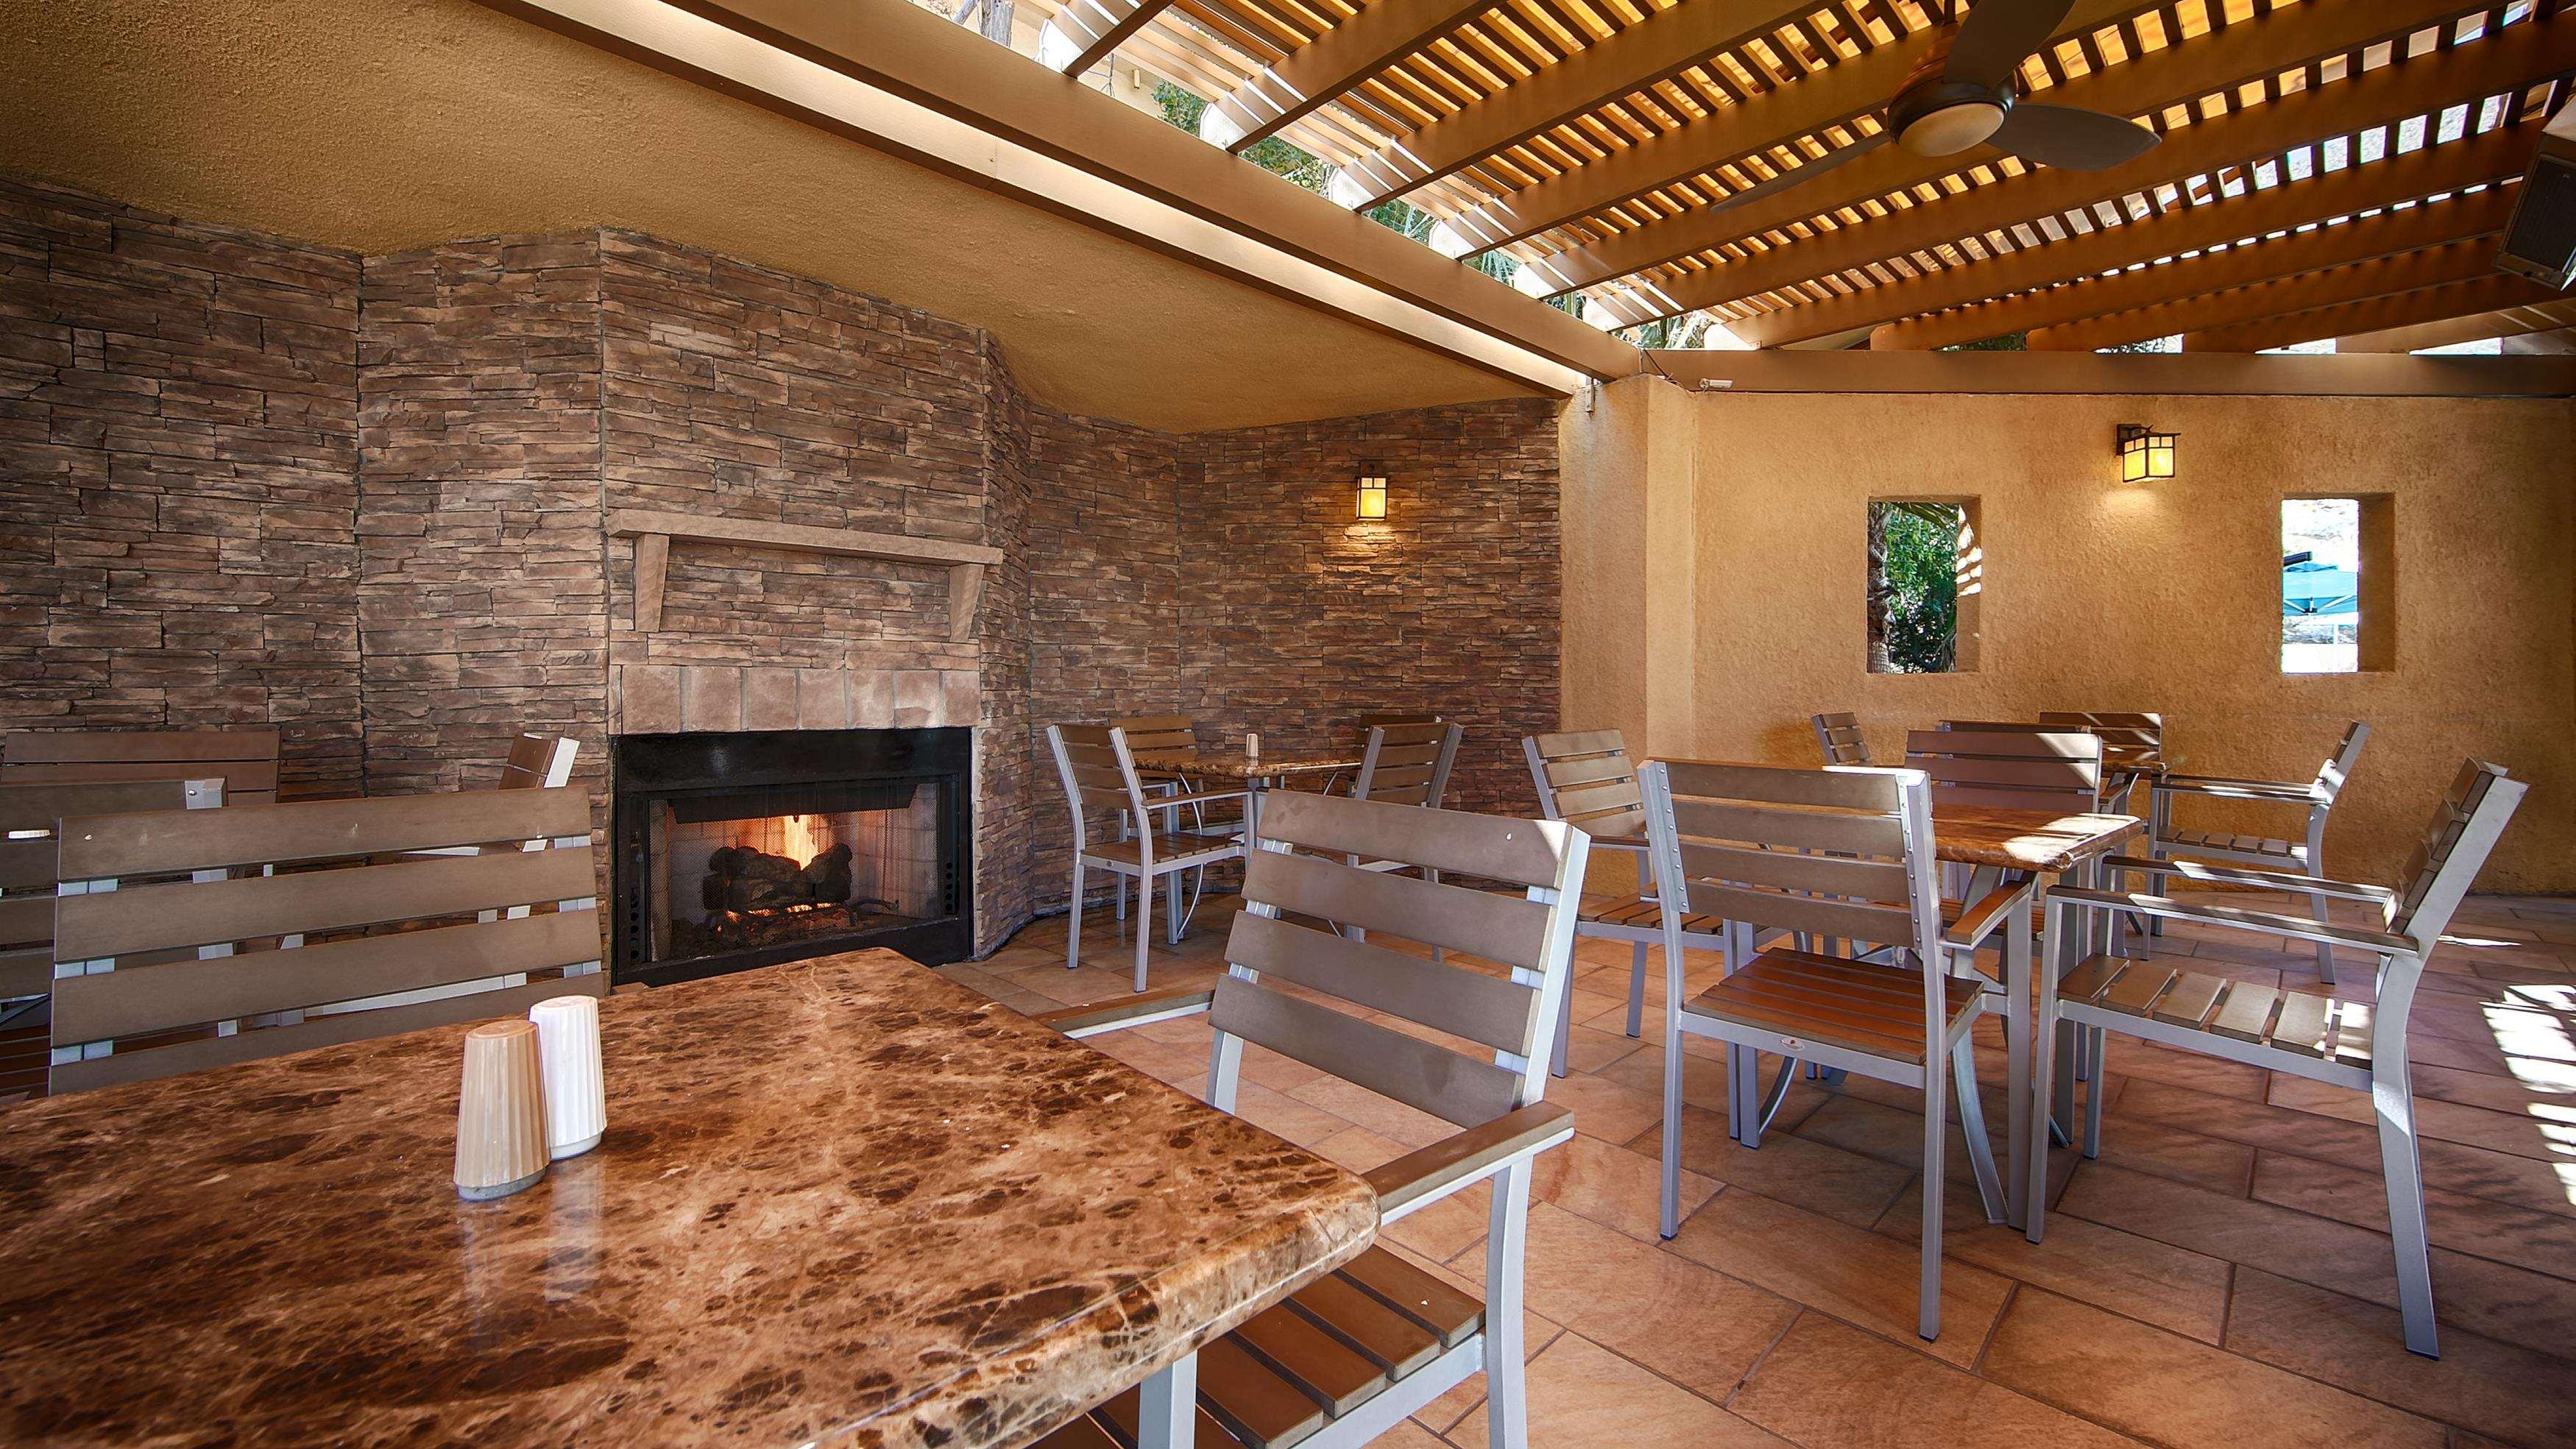 Best Western Inn at Palm Springs image 4